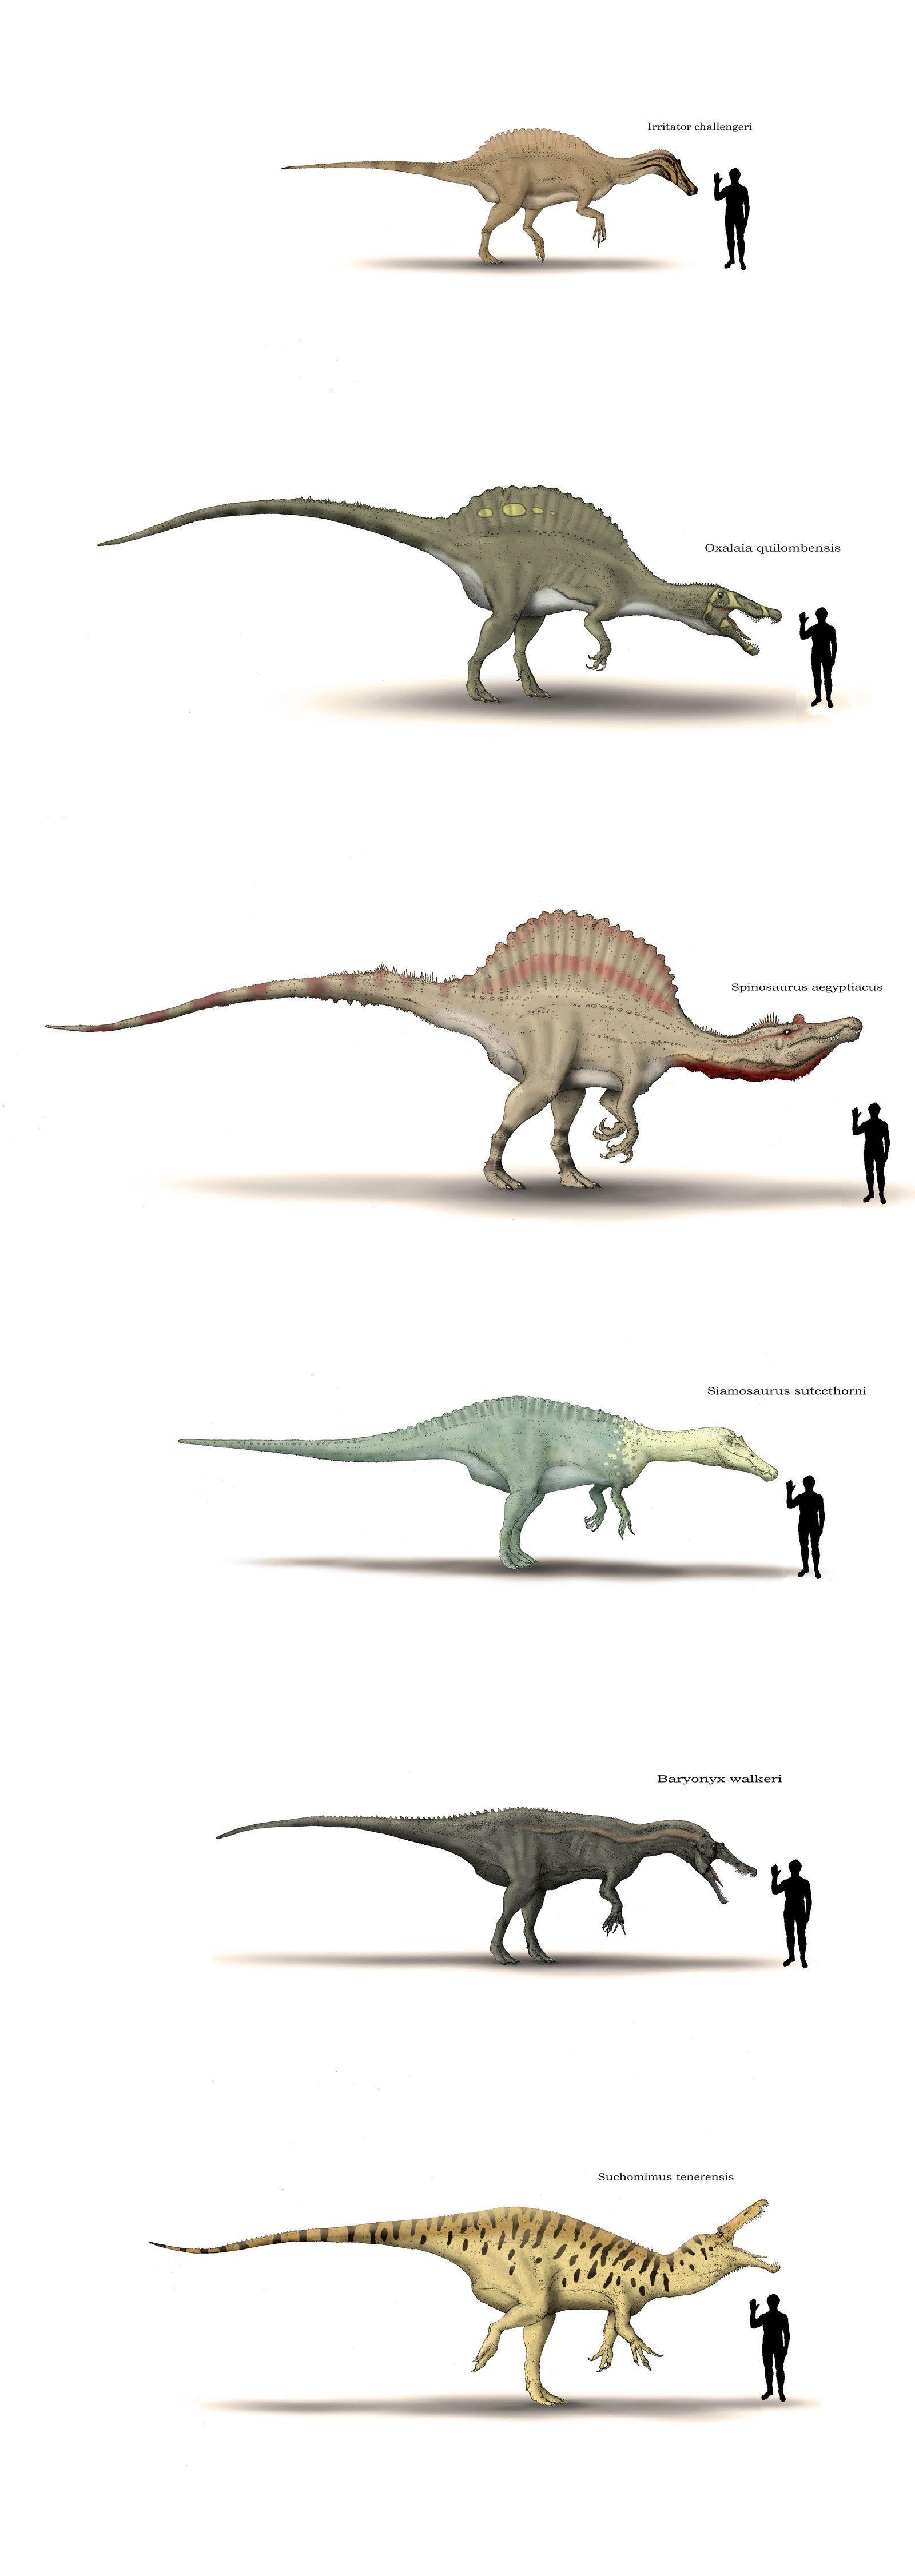 nous sommes si peu de choses dinosaures pinterest nous sommes dinosaures et pr histoire. Black Bedroom Furniture Sets. Home Design Ideas